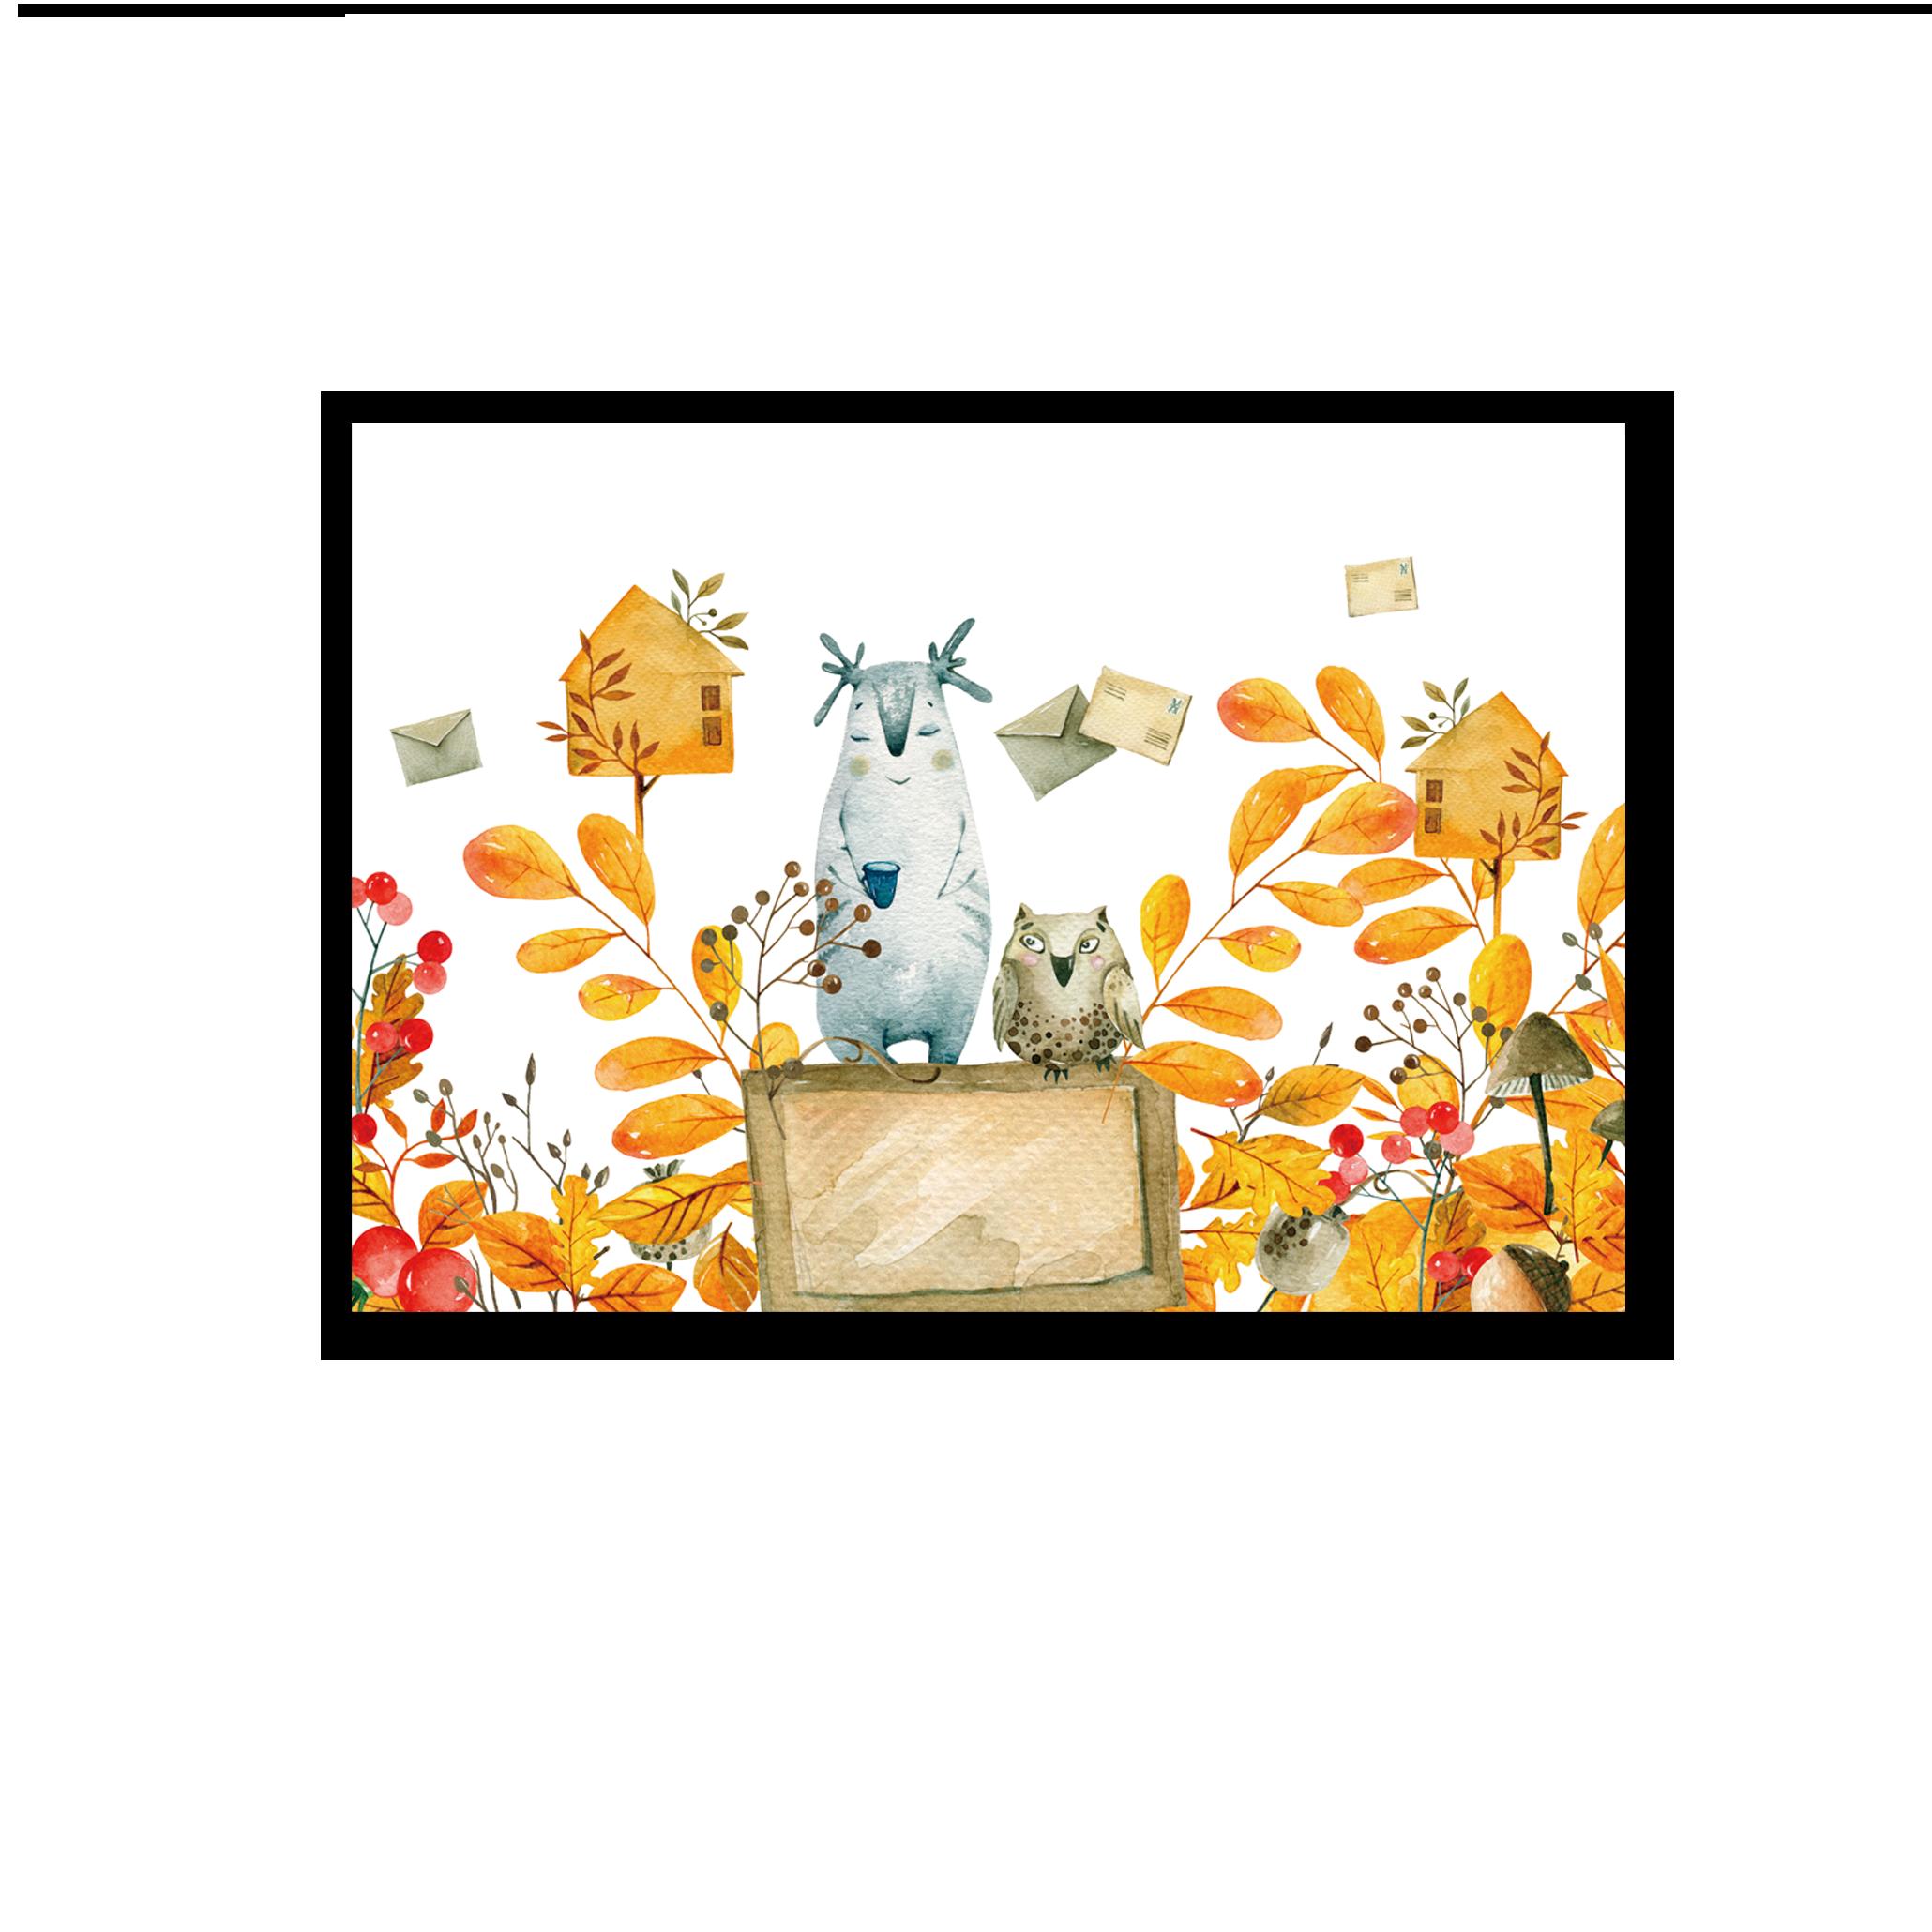 Tranh trang trí phòng trẻ em Autumn messenger